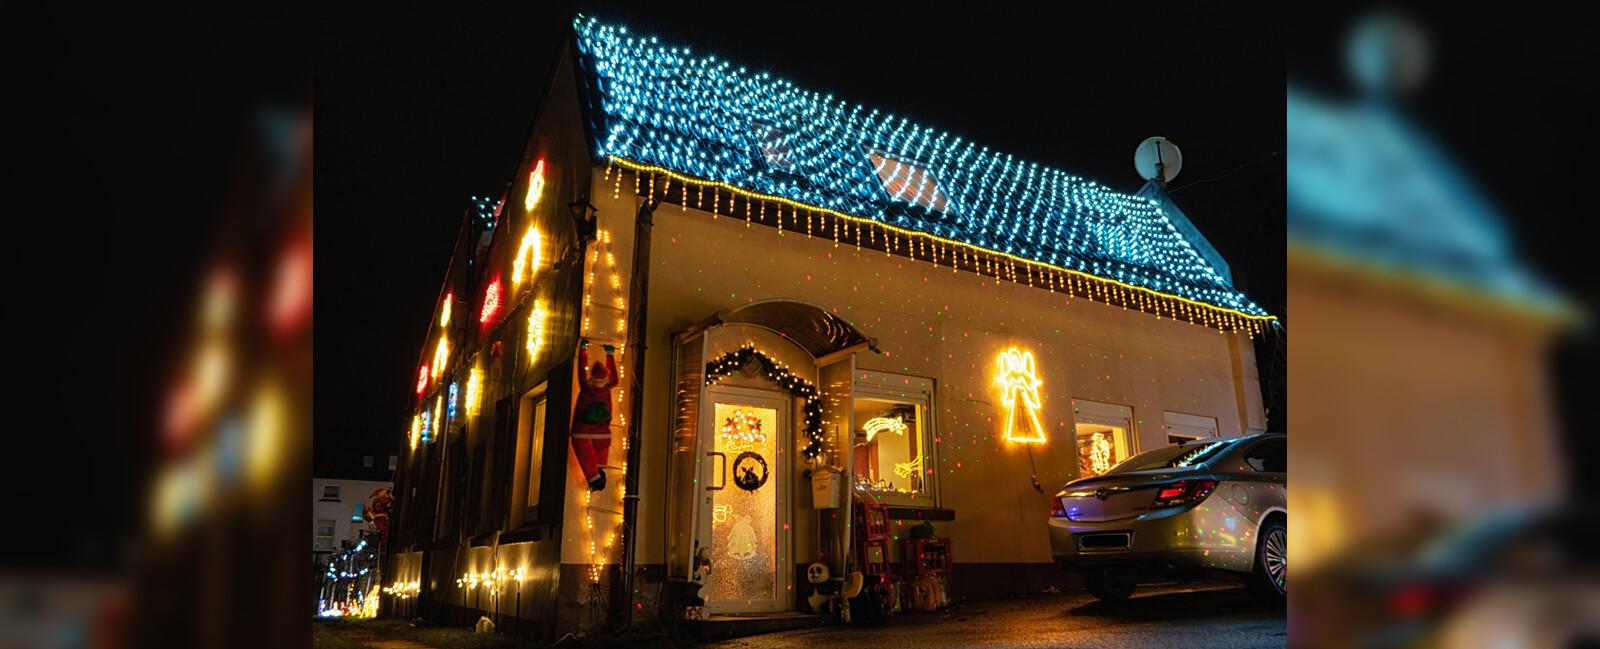 Weihnachtshaus Solingen 2019